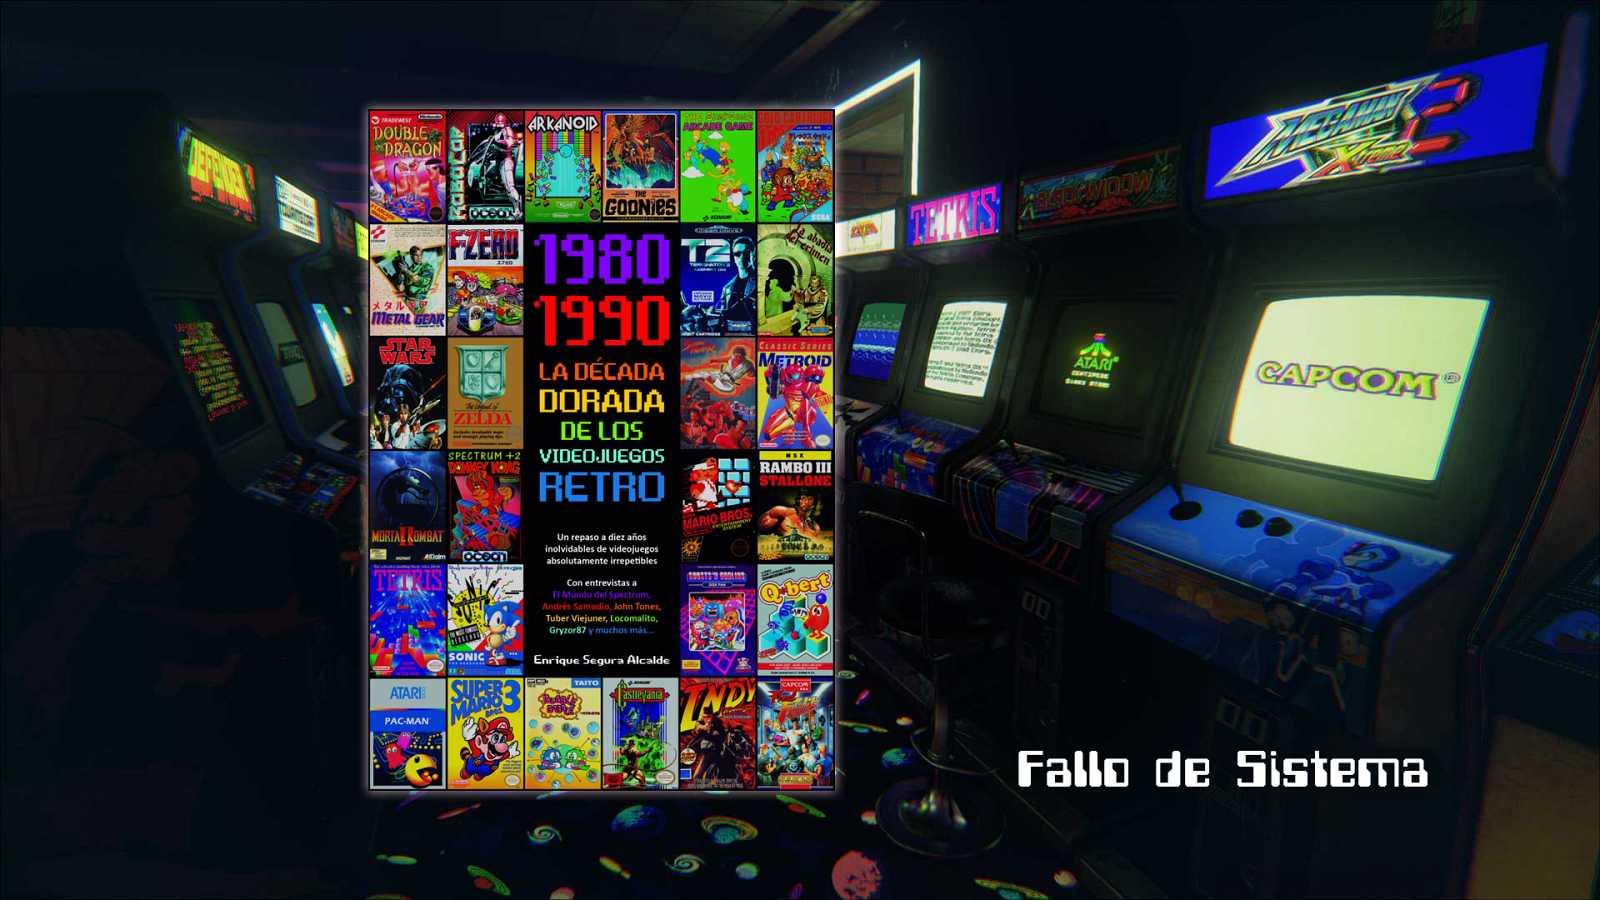 Fallo de sistema - 422: La década de oro del videojuego - 18/10/20 - escuchar ahora